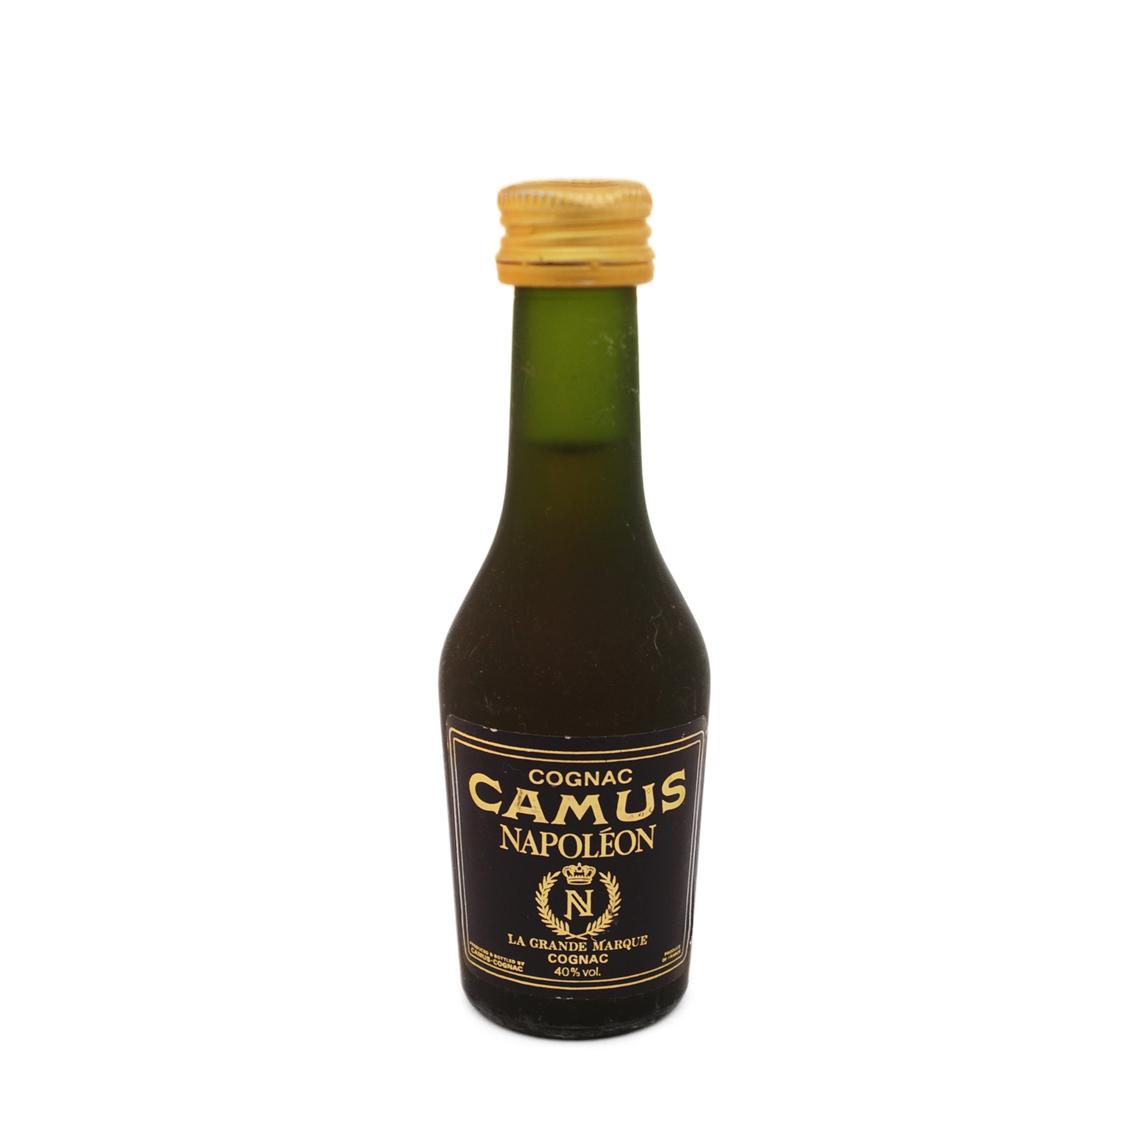 COGNAC-CAMUS-NAPOLEON-18